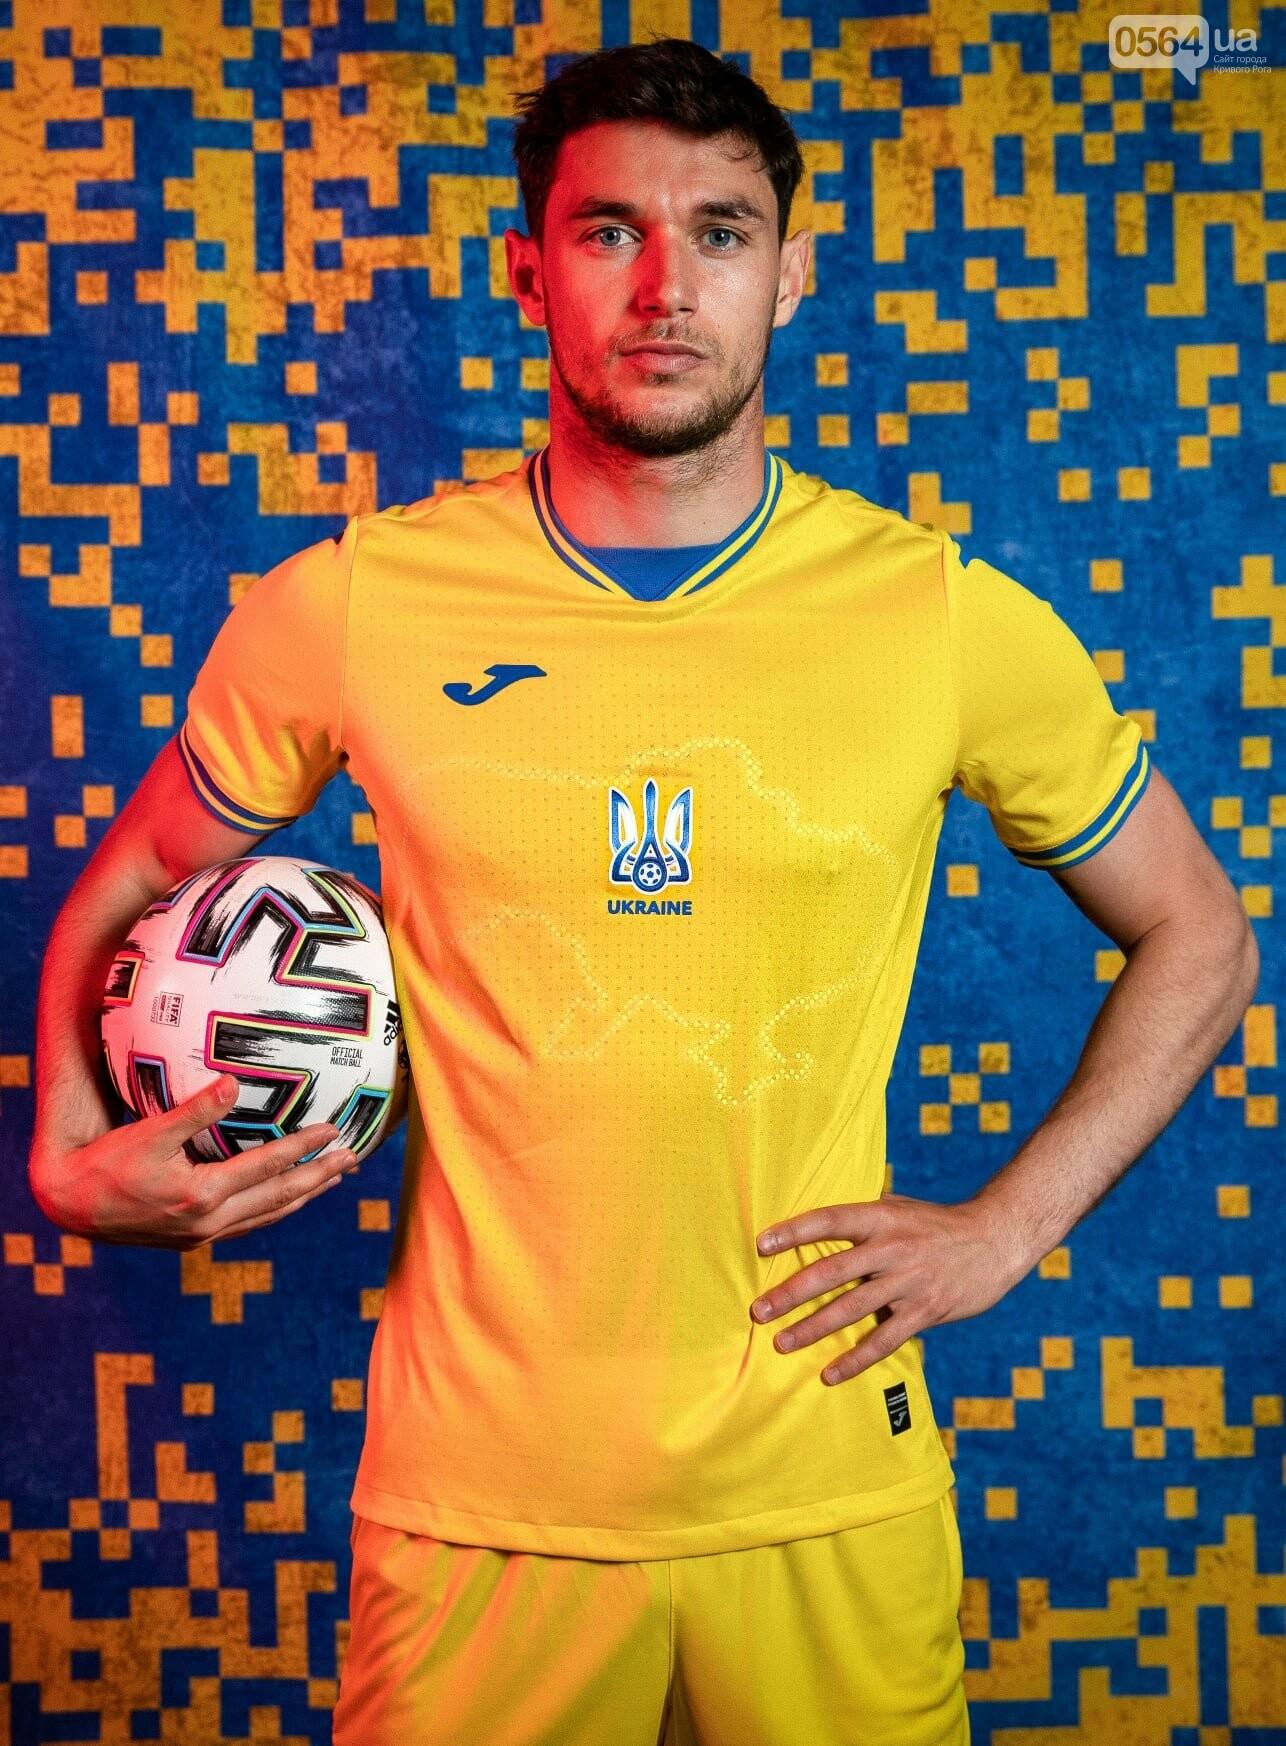 Сборная Украины по футболу представила новую форму на Евро-2020, фото-7